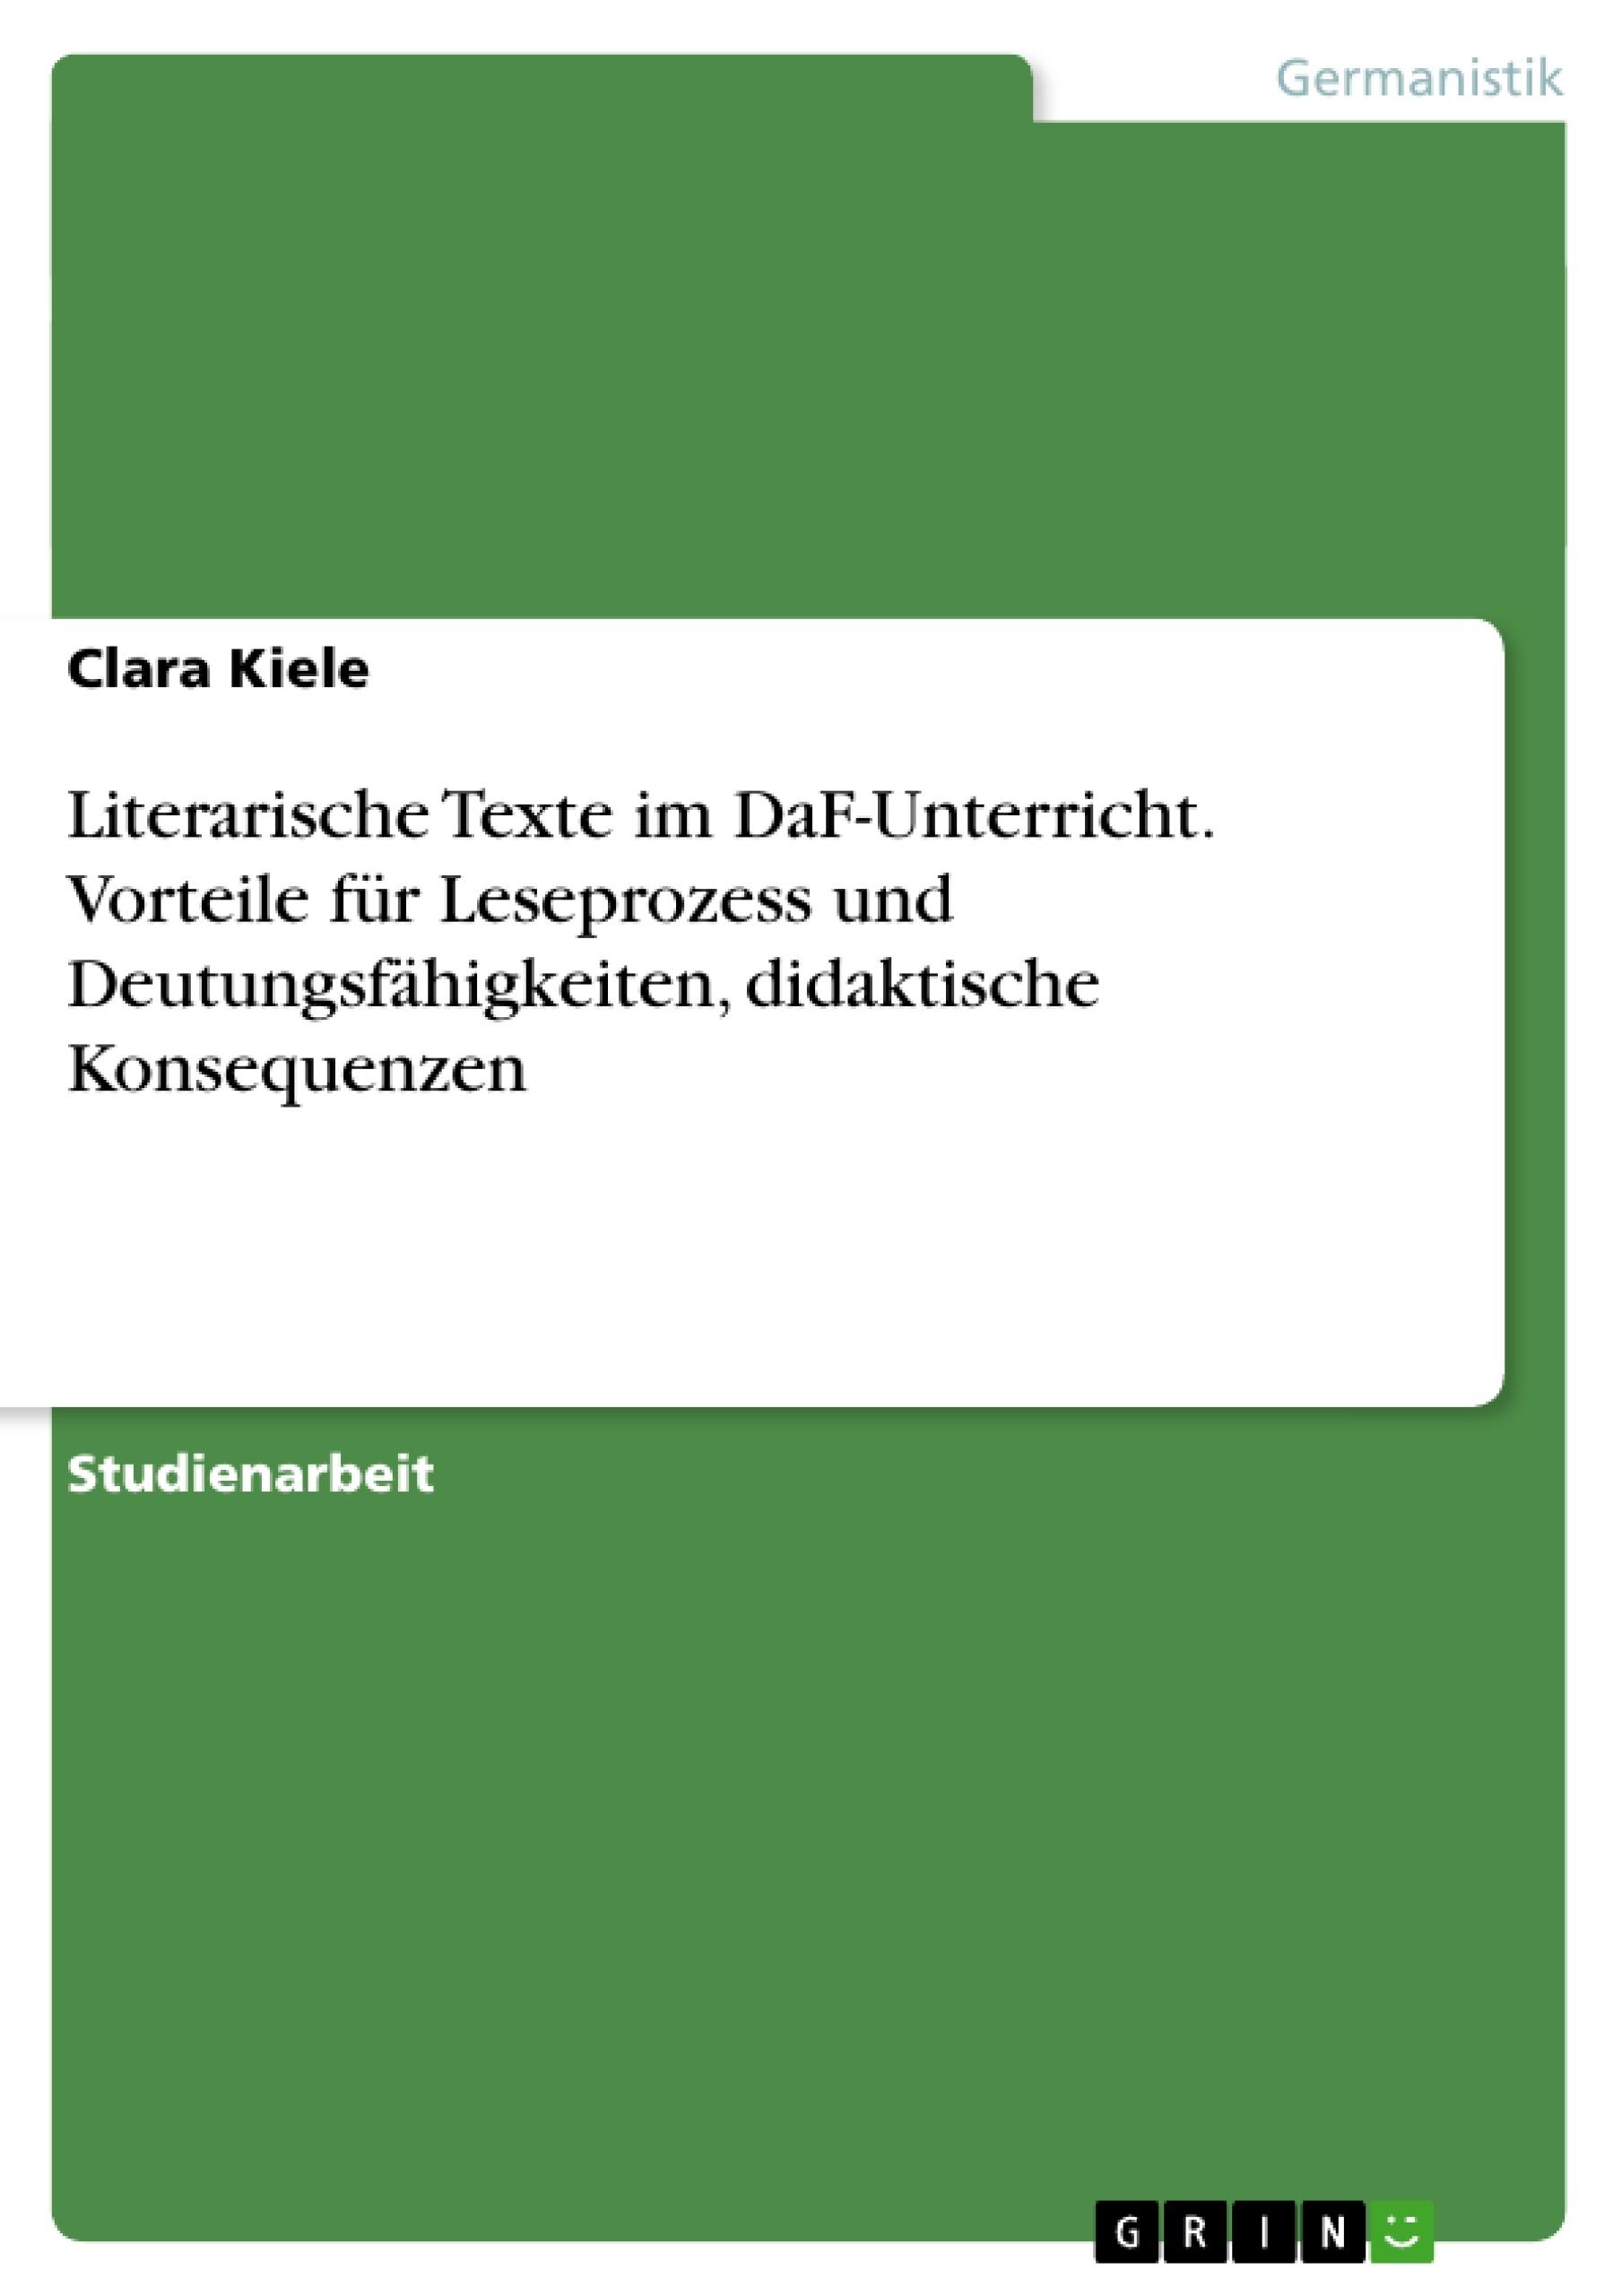 Titel: Literarische Texte im DaF-Unterricht. Vorteile für Leseprozess und Deutungsfähigkeiten, didaktische Konsequenzen